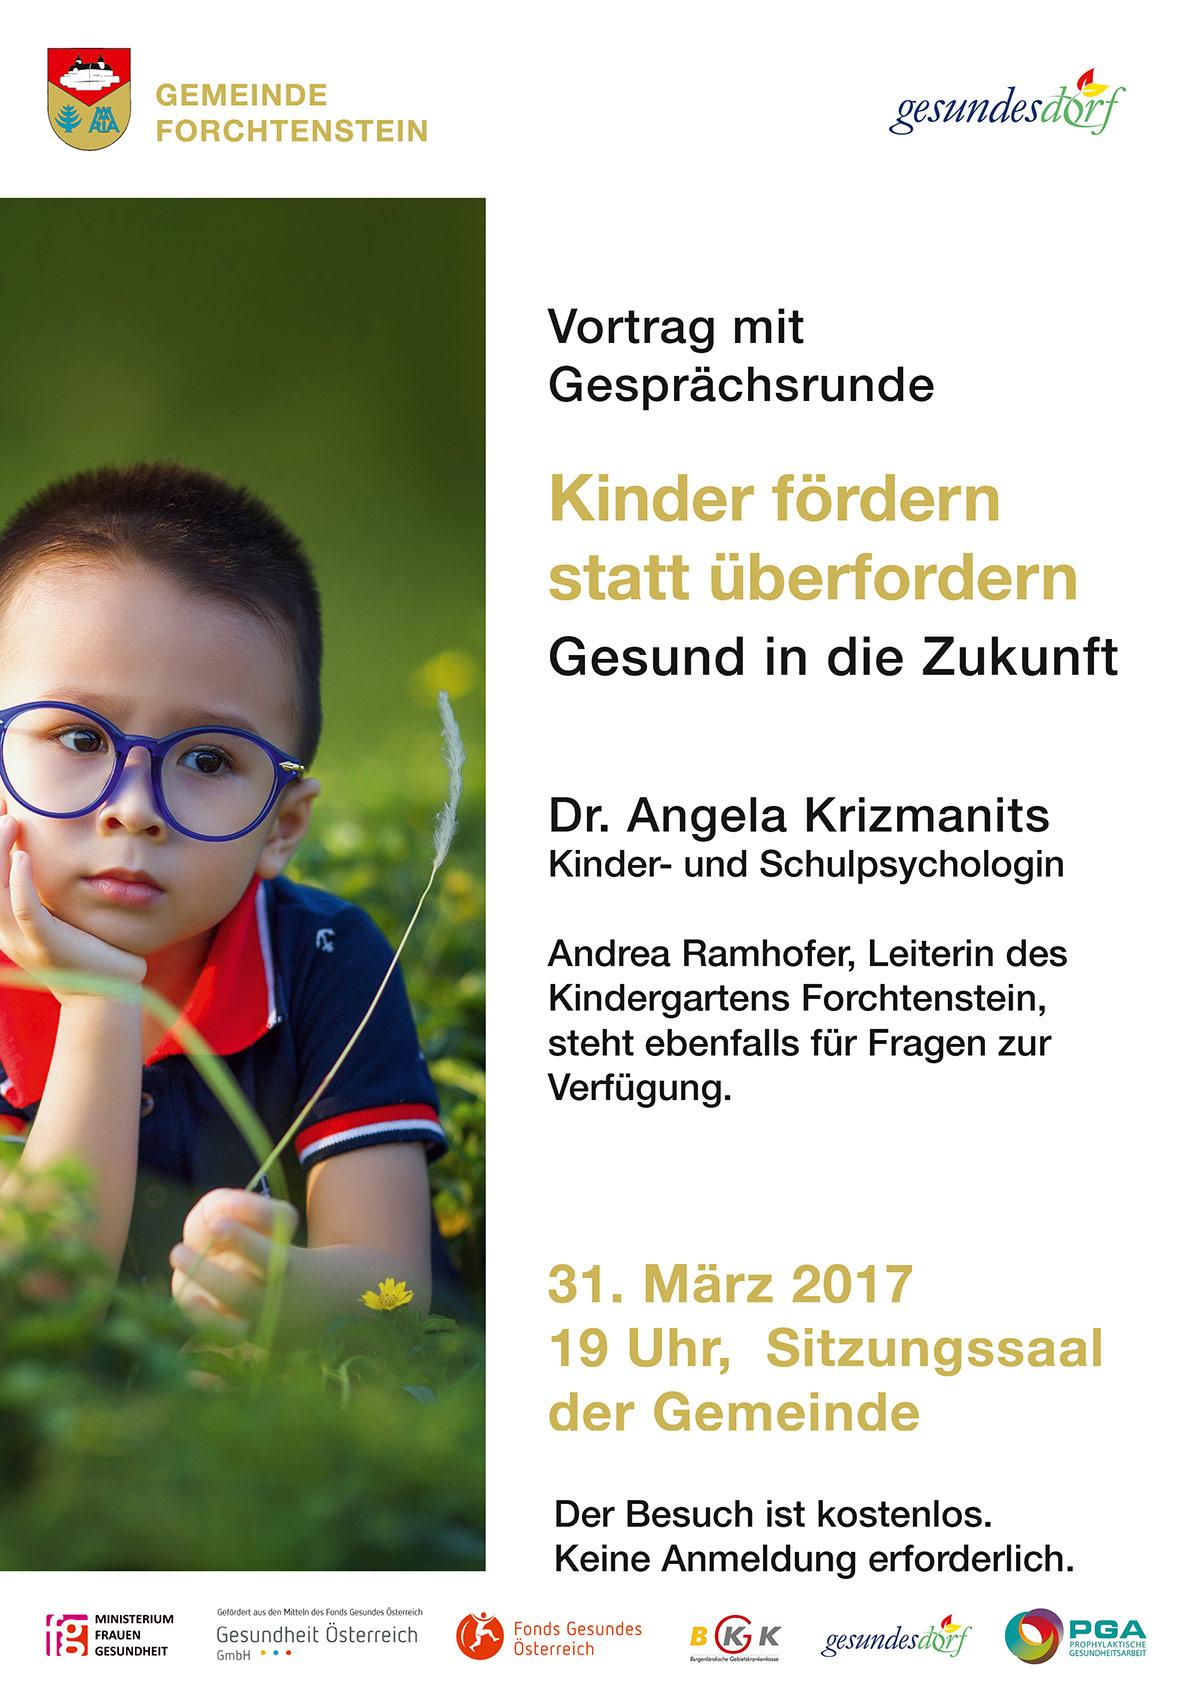 Kinder-foerdern-Gesundes-Dorf-Forchtenstein-2017